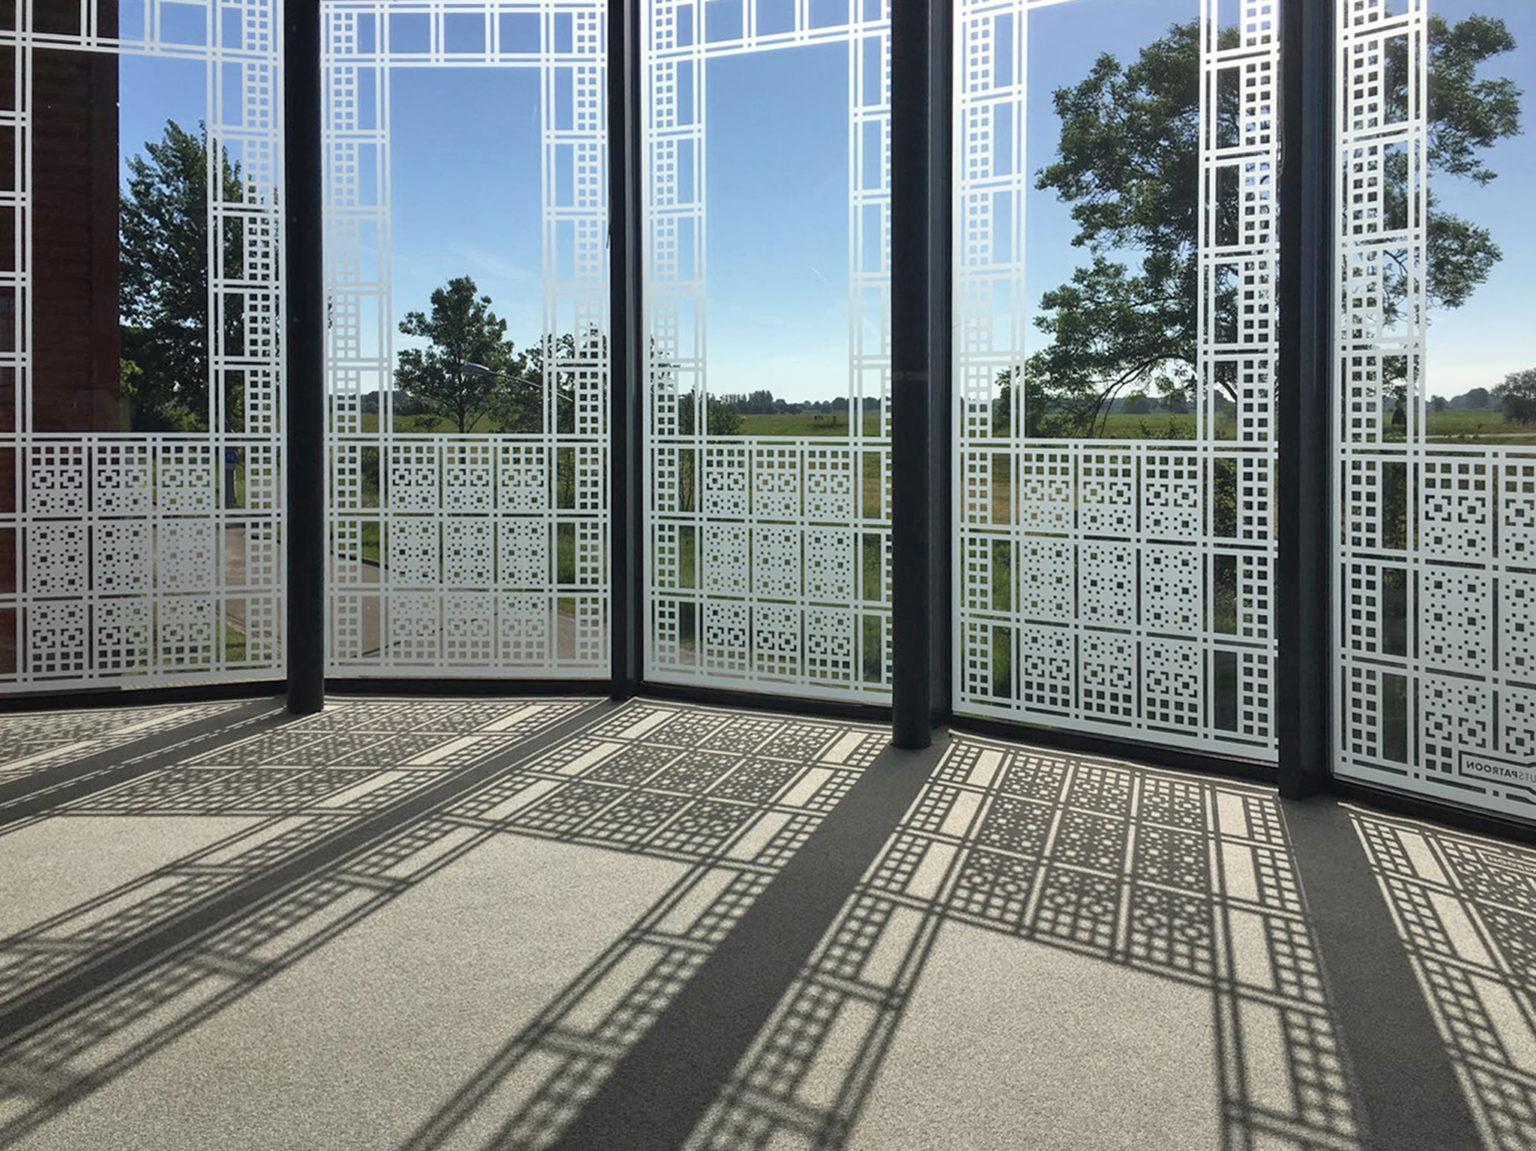 Bedrijfsruimte met raamfolie patronen van binnenuit gezien